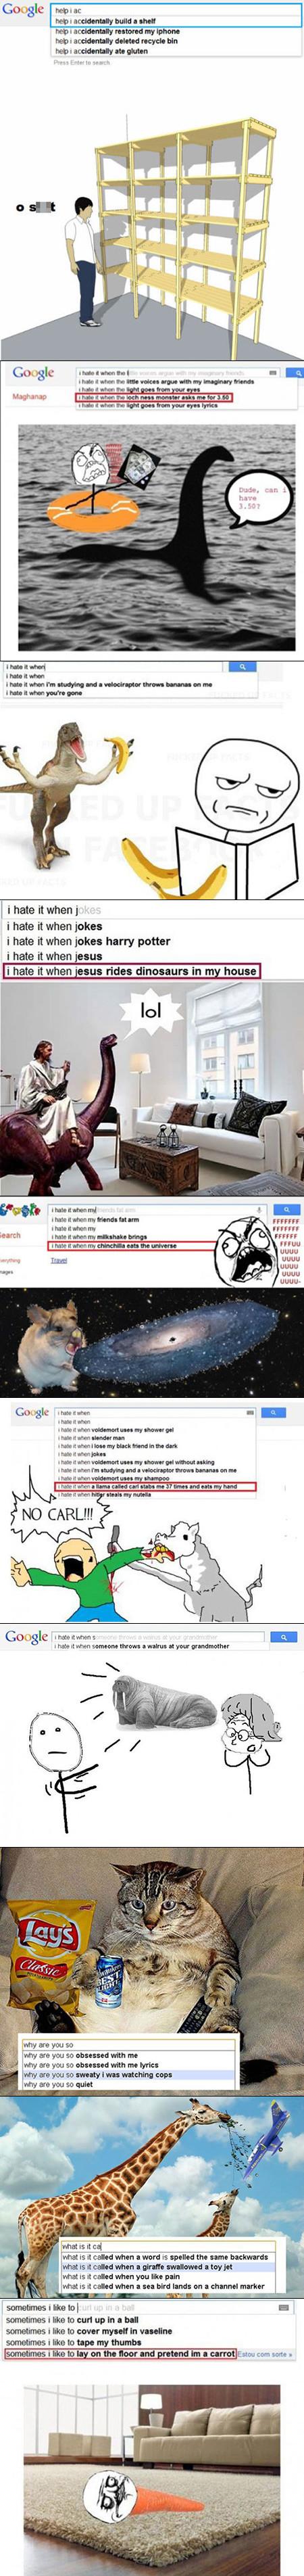 google-illus